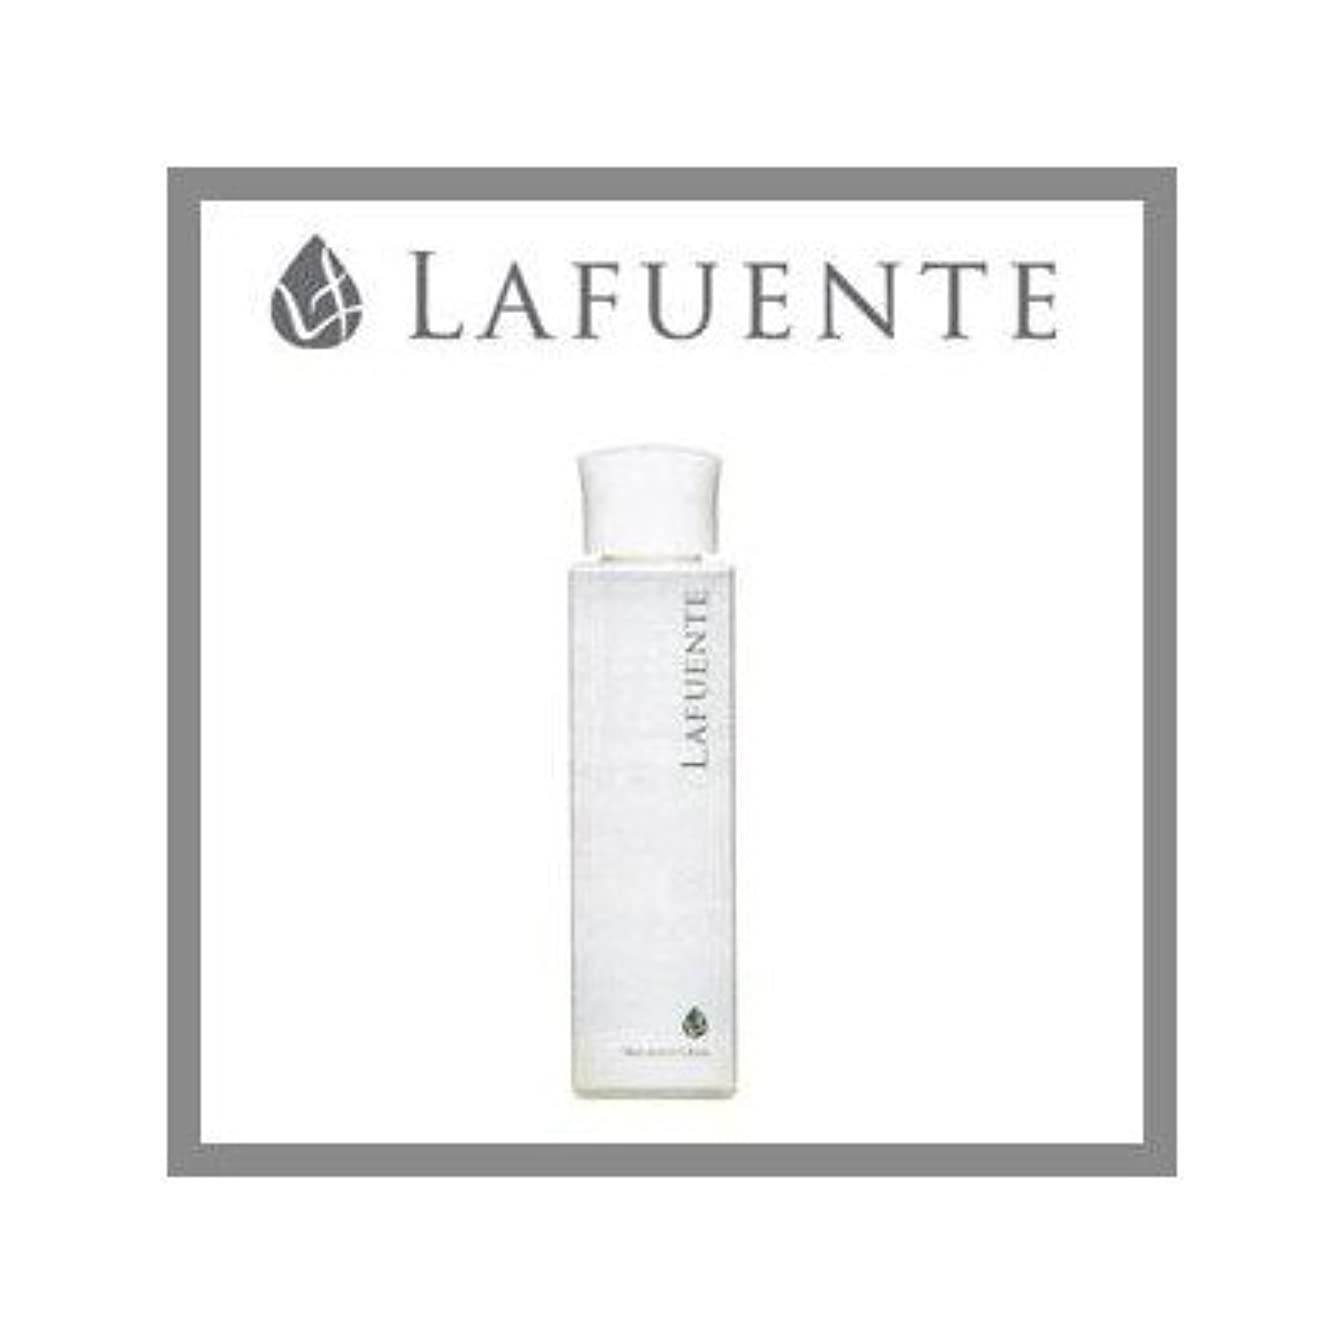 ラグさまようオープニング化粧水 スキンセラムローション ラファンテ LAFUENTE 600ml t1025148